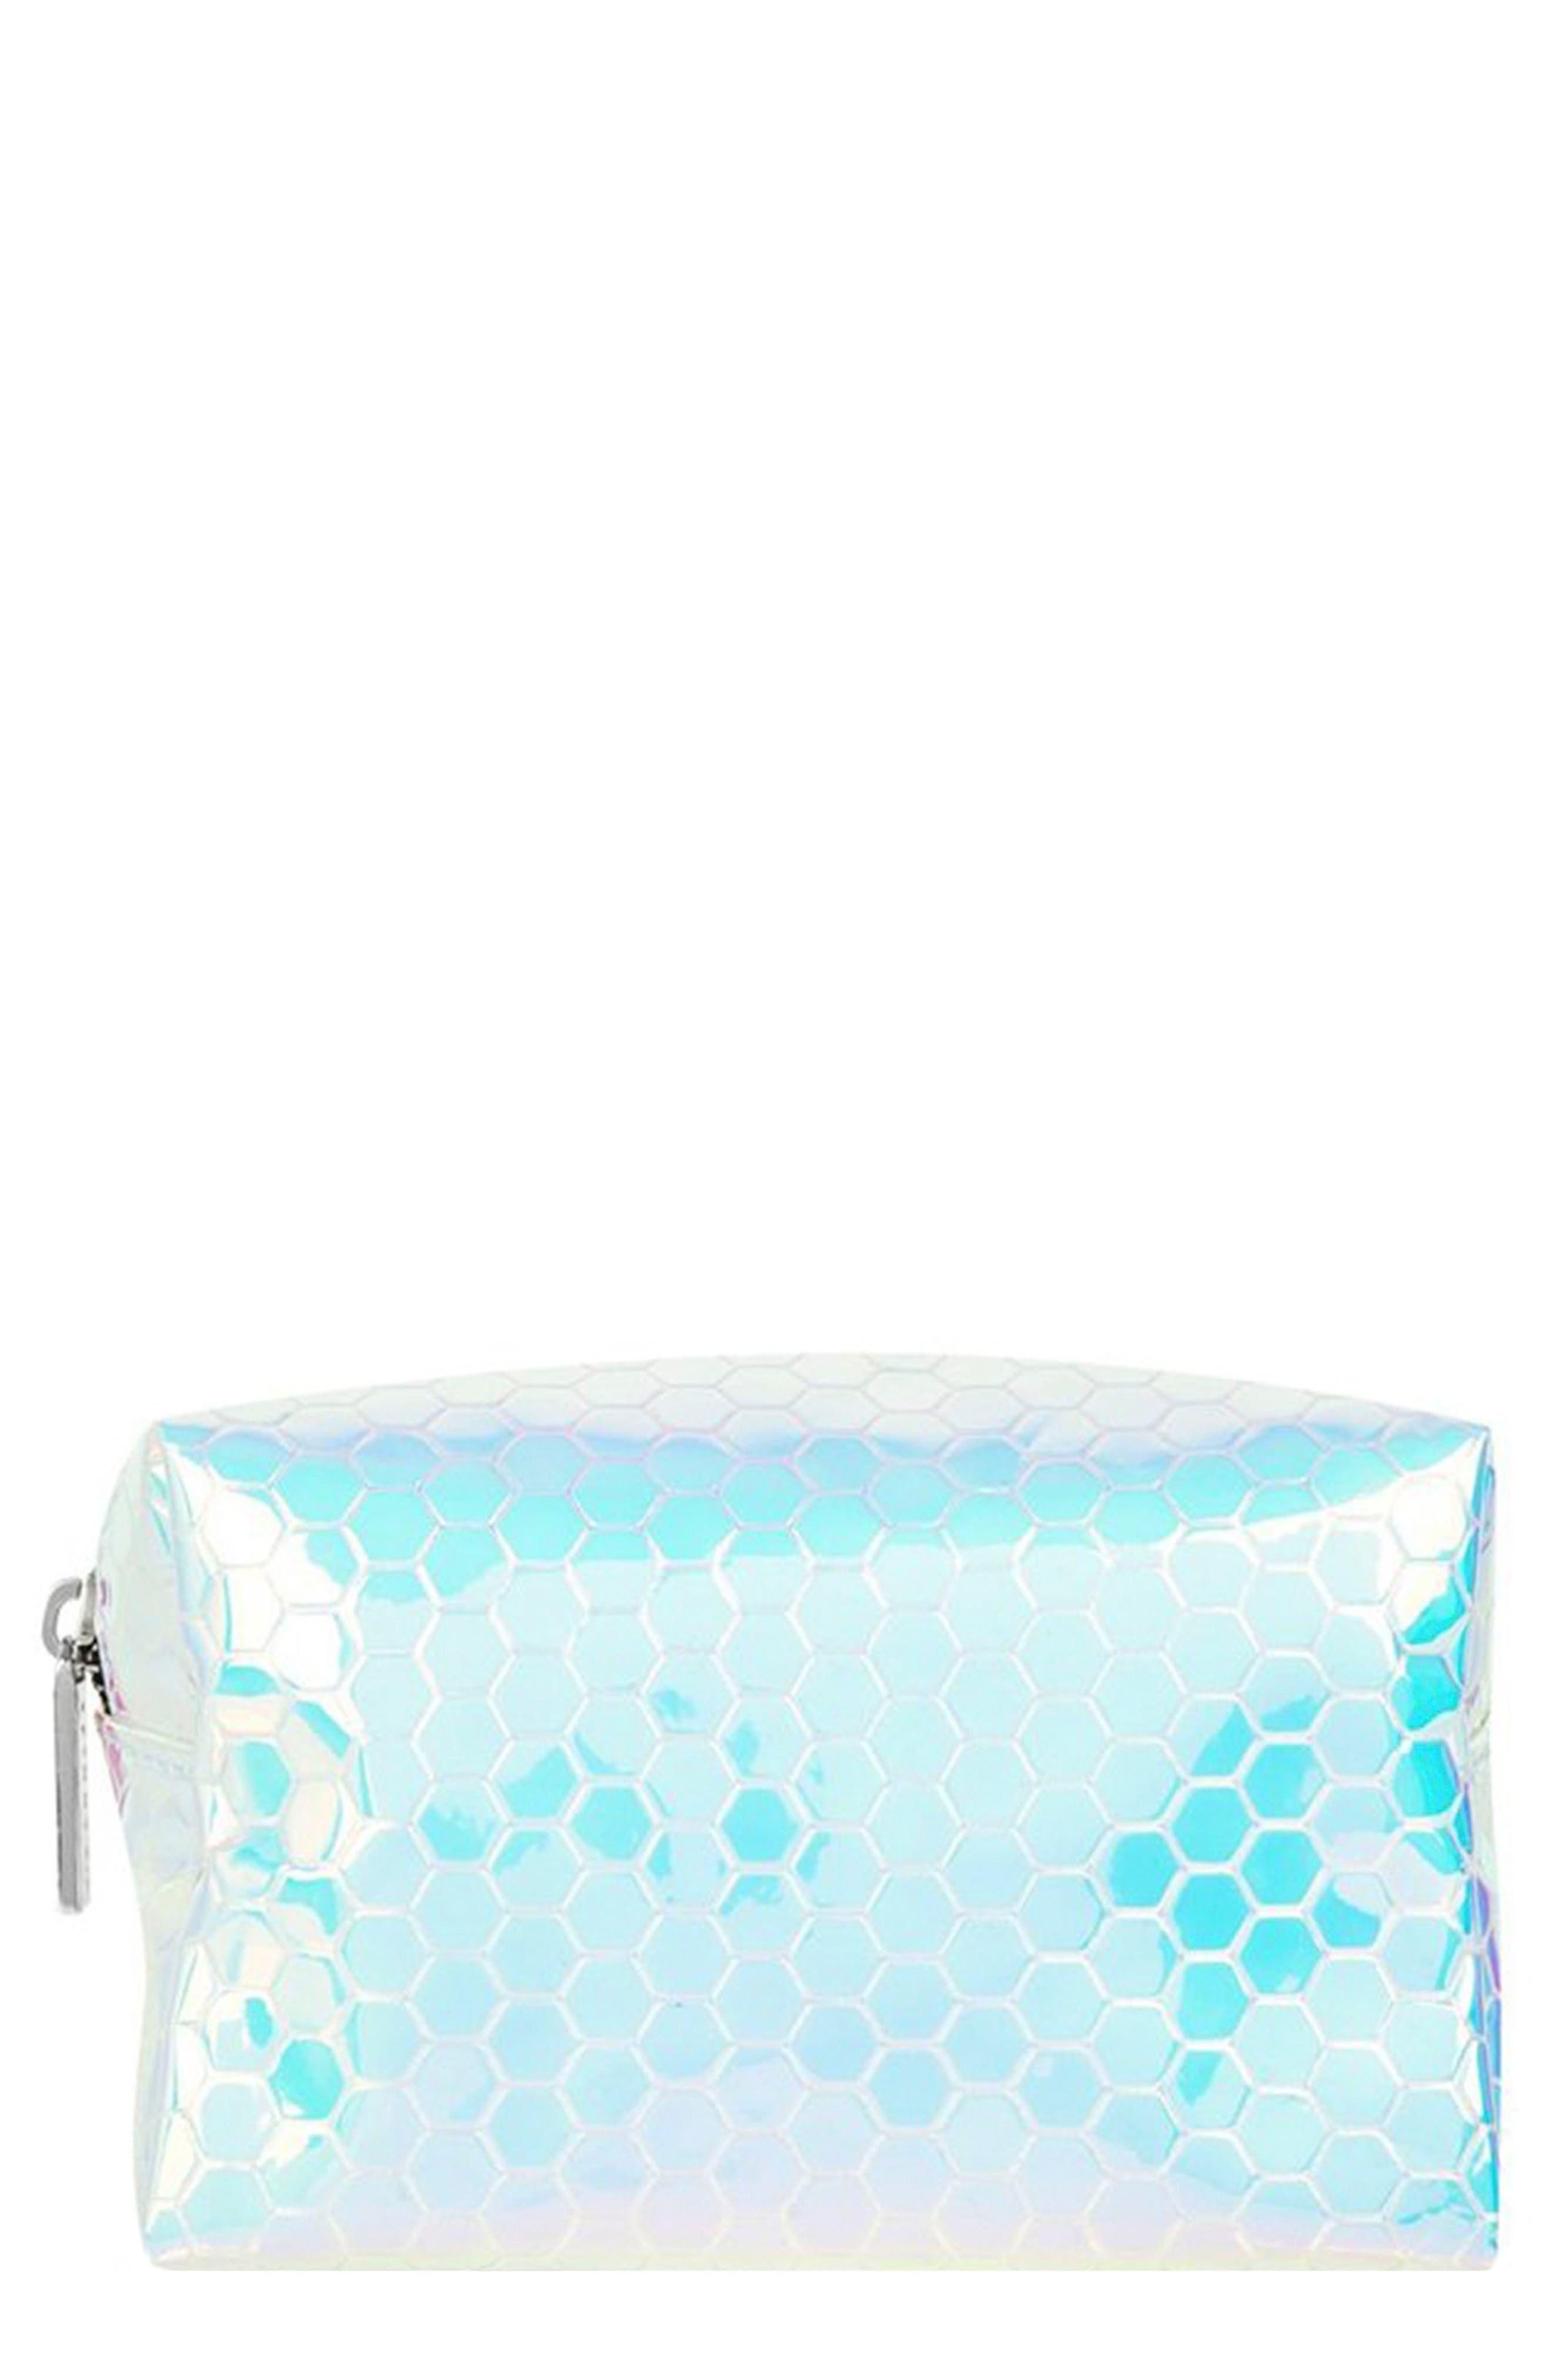 Honeycomb Makeup Bag,                             Main thumbnail 1, color,                             NO COLOR